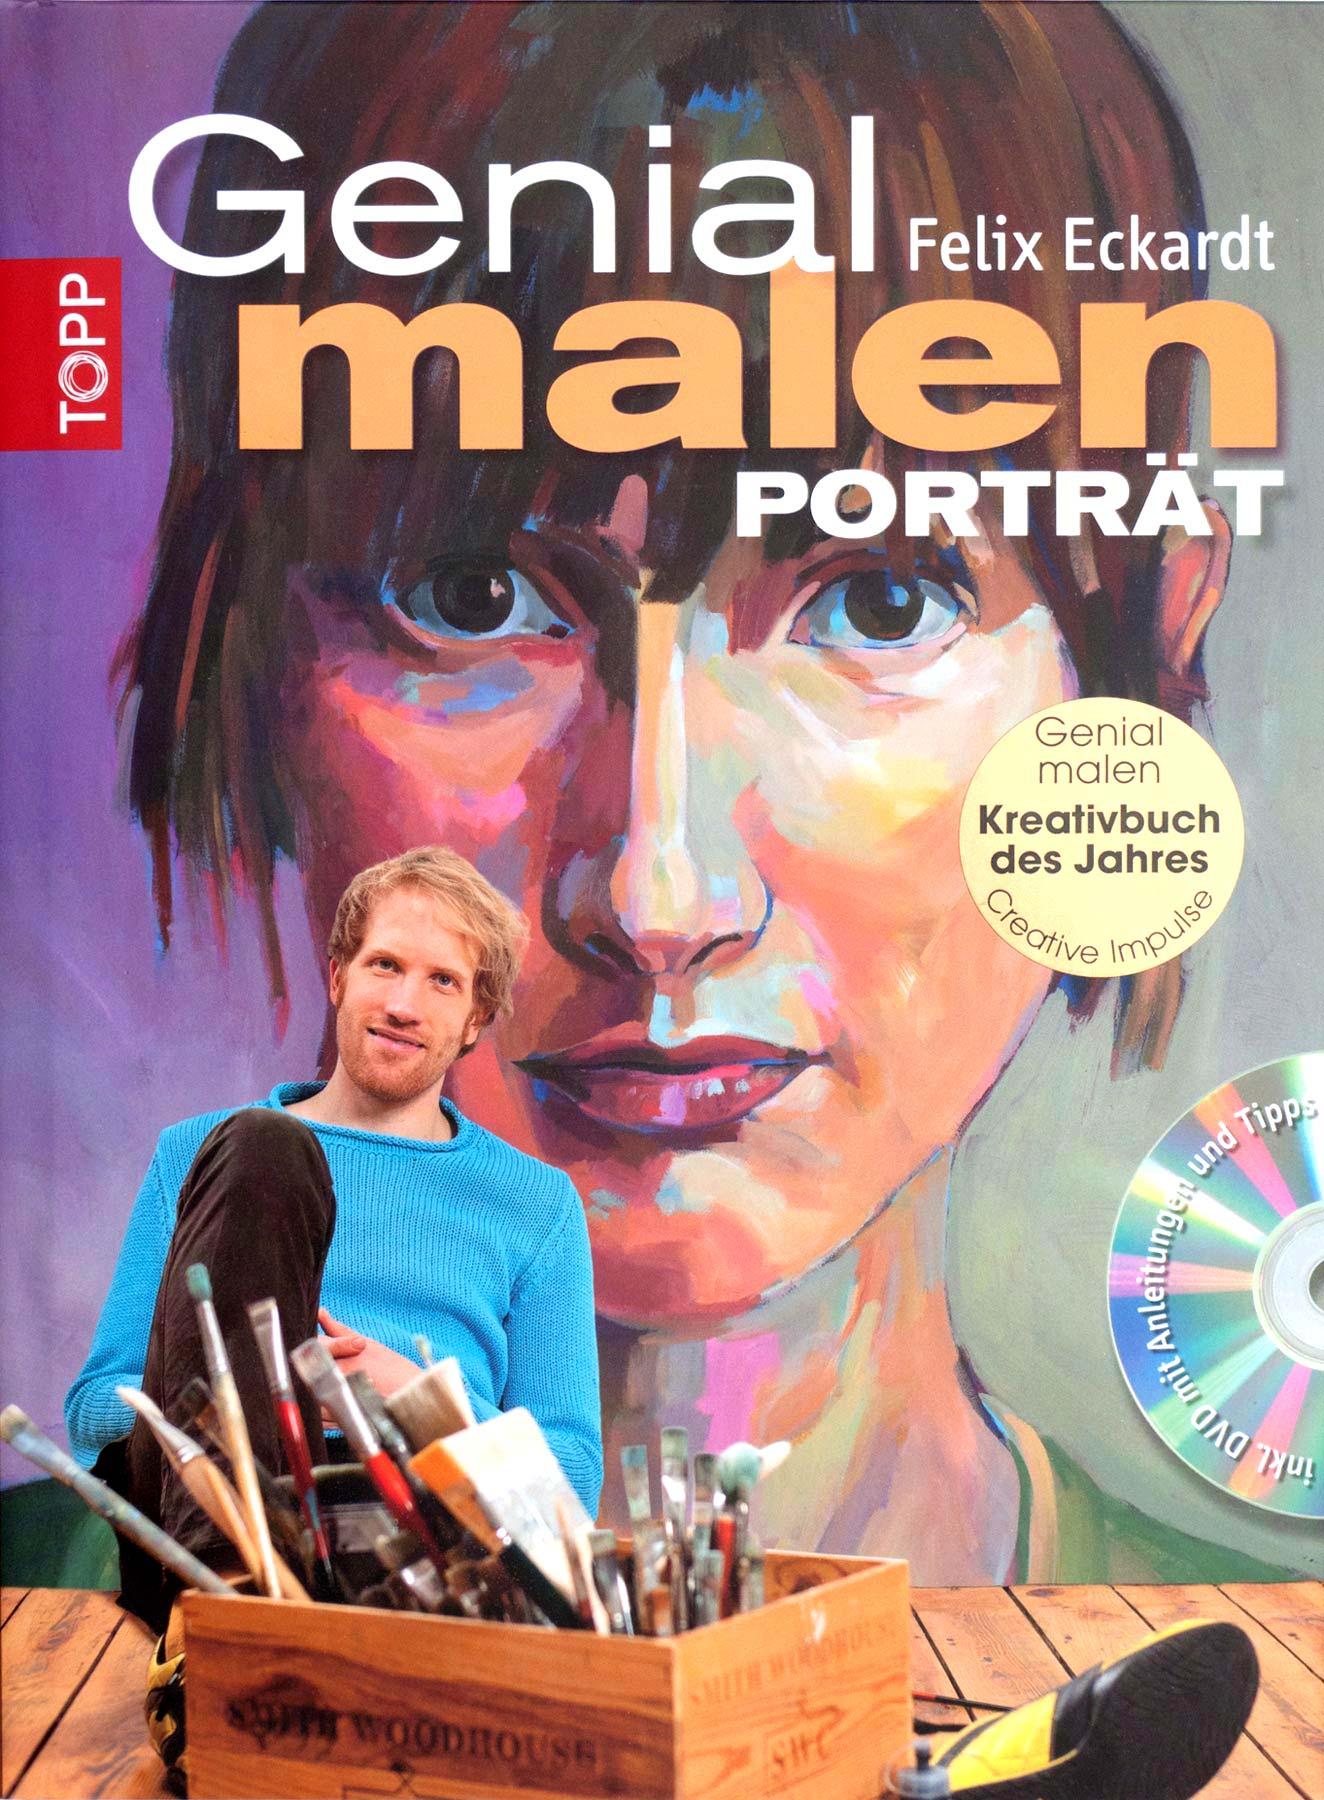 Felix-Eckardt_Genial-Malen-Portrait.jpg